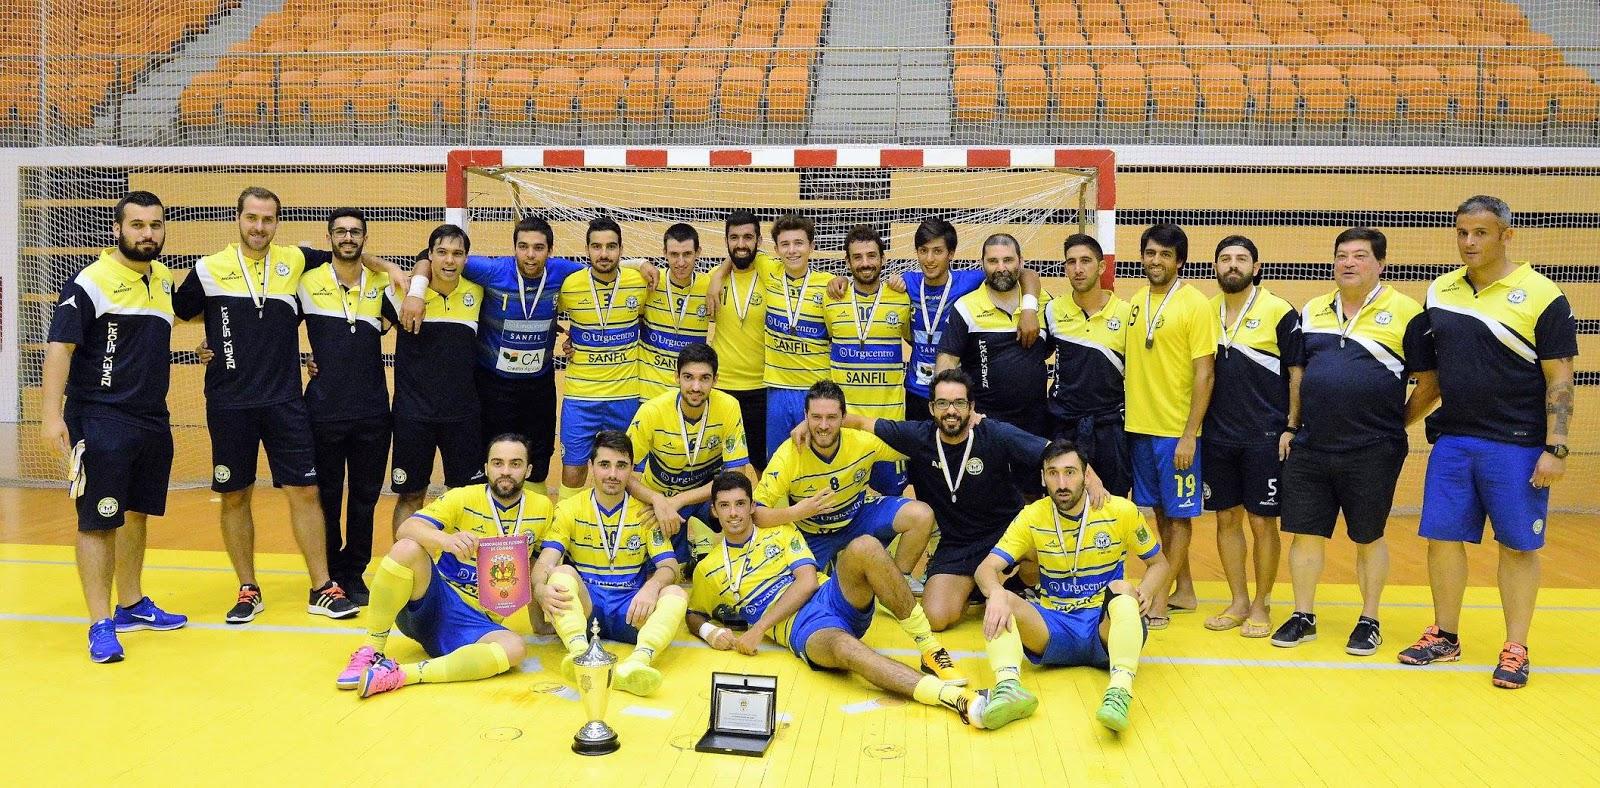 a3235cb415c3e ... edição consecutiva da Taça de Honra de Seniores Masculinos da AF  Coimbra ao derrotar a UPC Chelo por 8 bolas a 0. Luisinho (2)